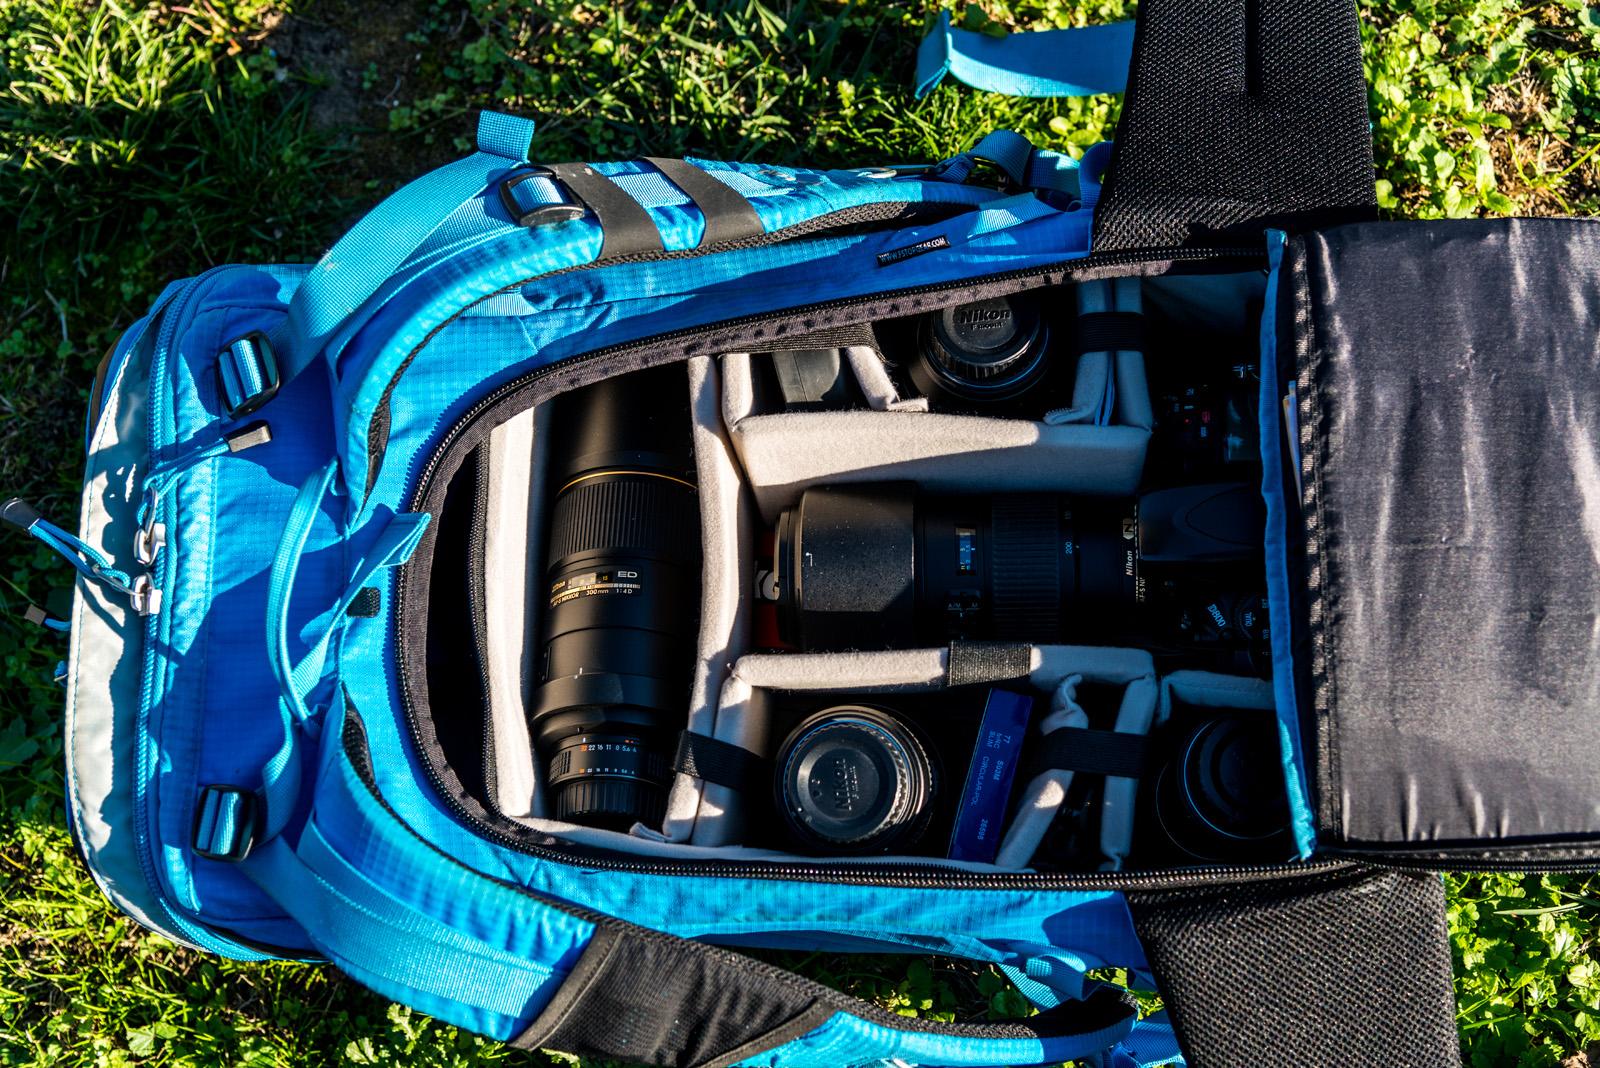 Sac à dos F-stop ouvert et son insert pour appareil photo et objectifs